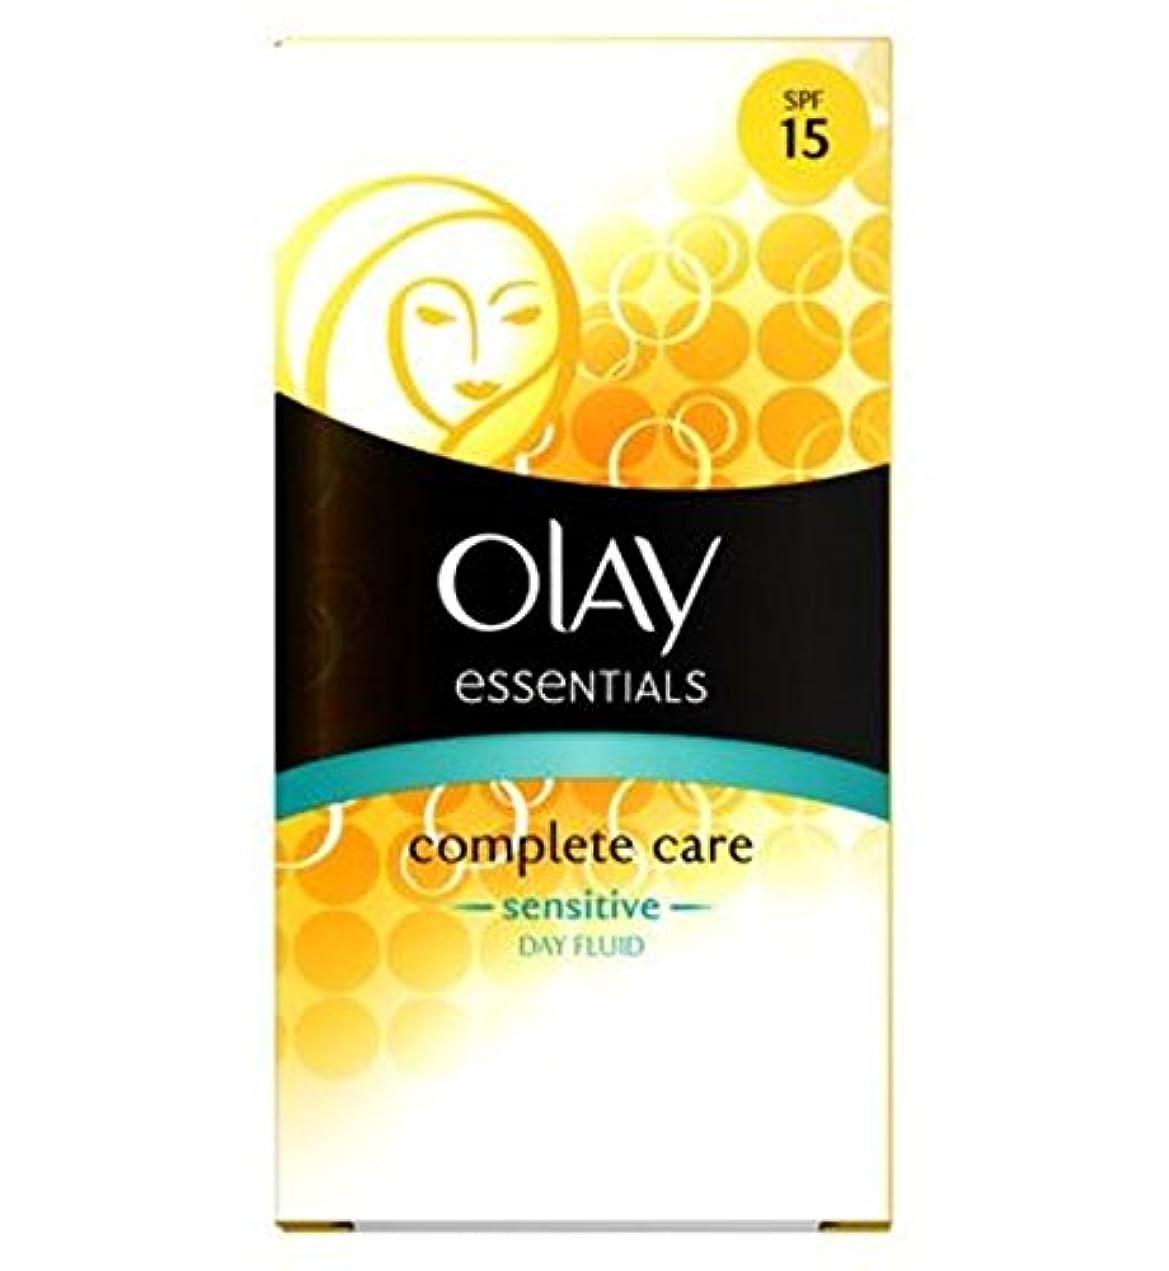 枯渇する孤児護衛Olay Complete Lightweight 3in1 Moisturiser Day Fluid SPF15 sensitive 100ml - オーレイ軽量3In1の保湿日流体Spf15敏感な100ミリリットルを完了 (Olay) [並行輸入品]